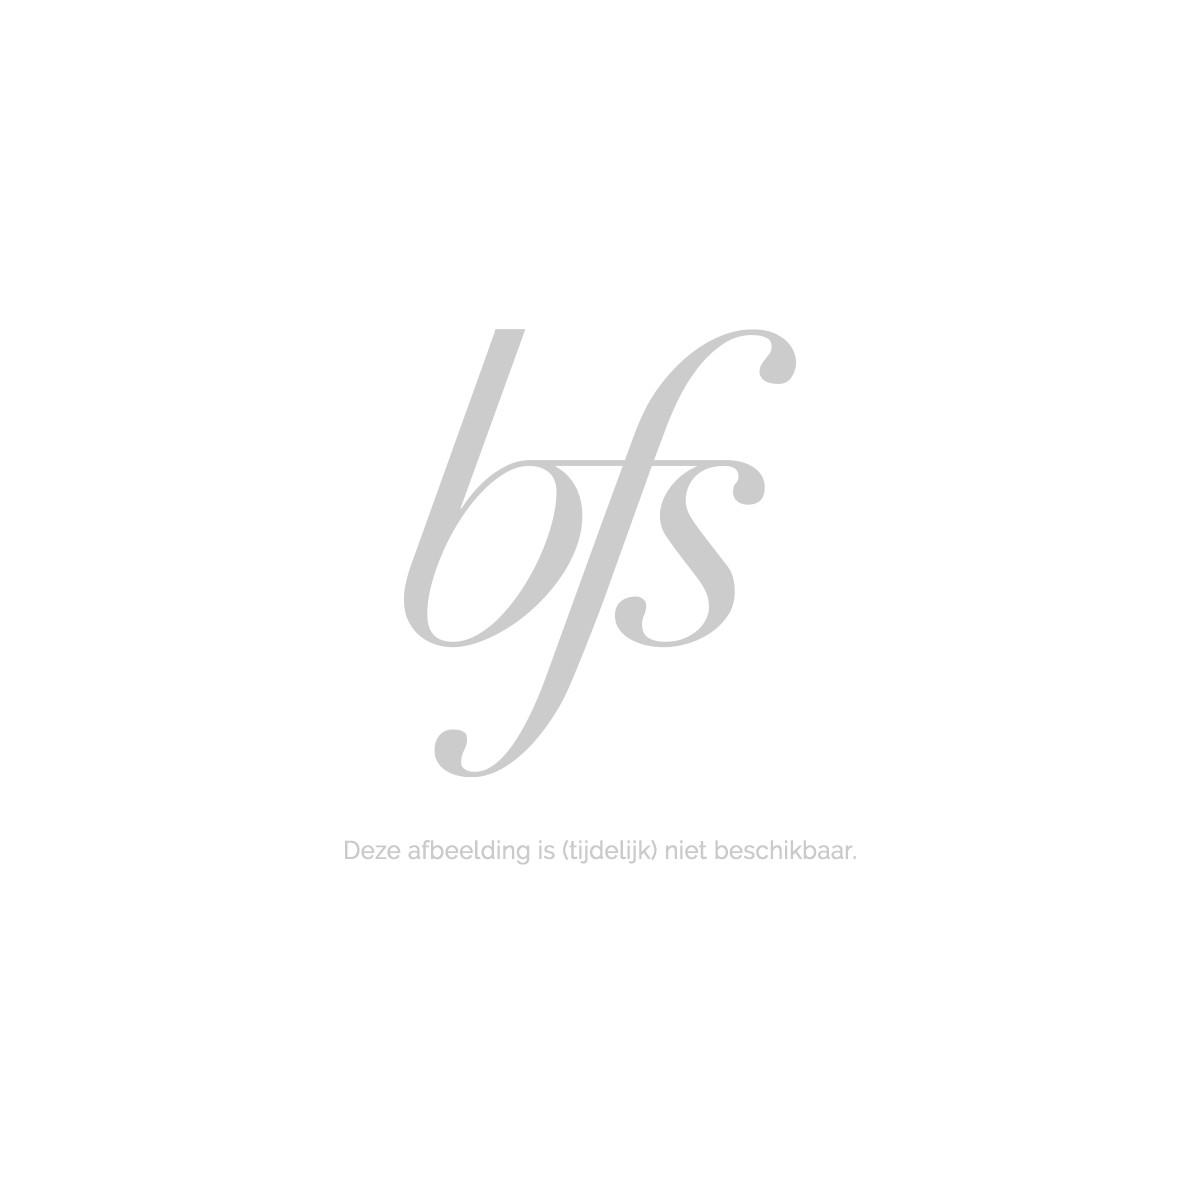 Kryolan Eye Brow Powder Cassette – 5 Shades